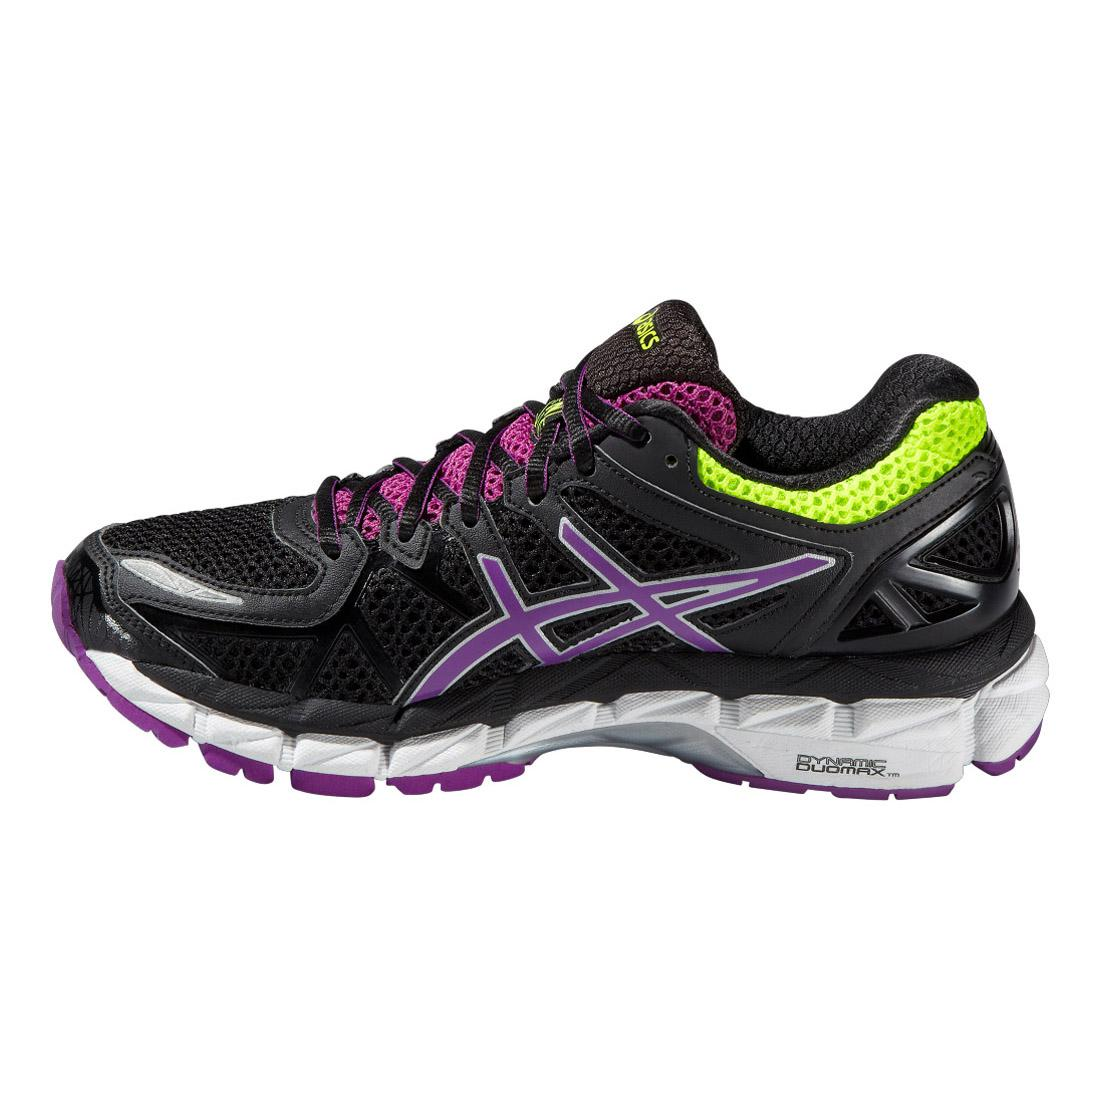 asics womens gel kayano 21 running shoes black